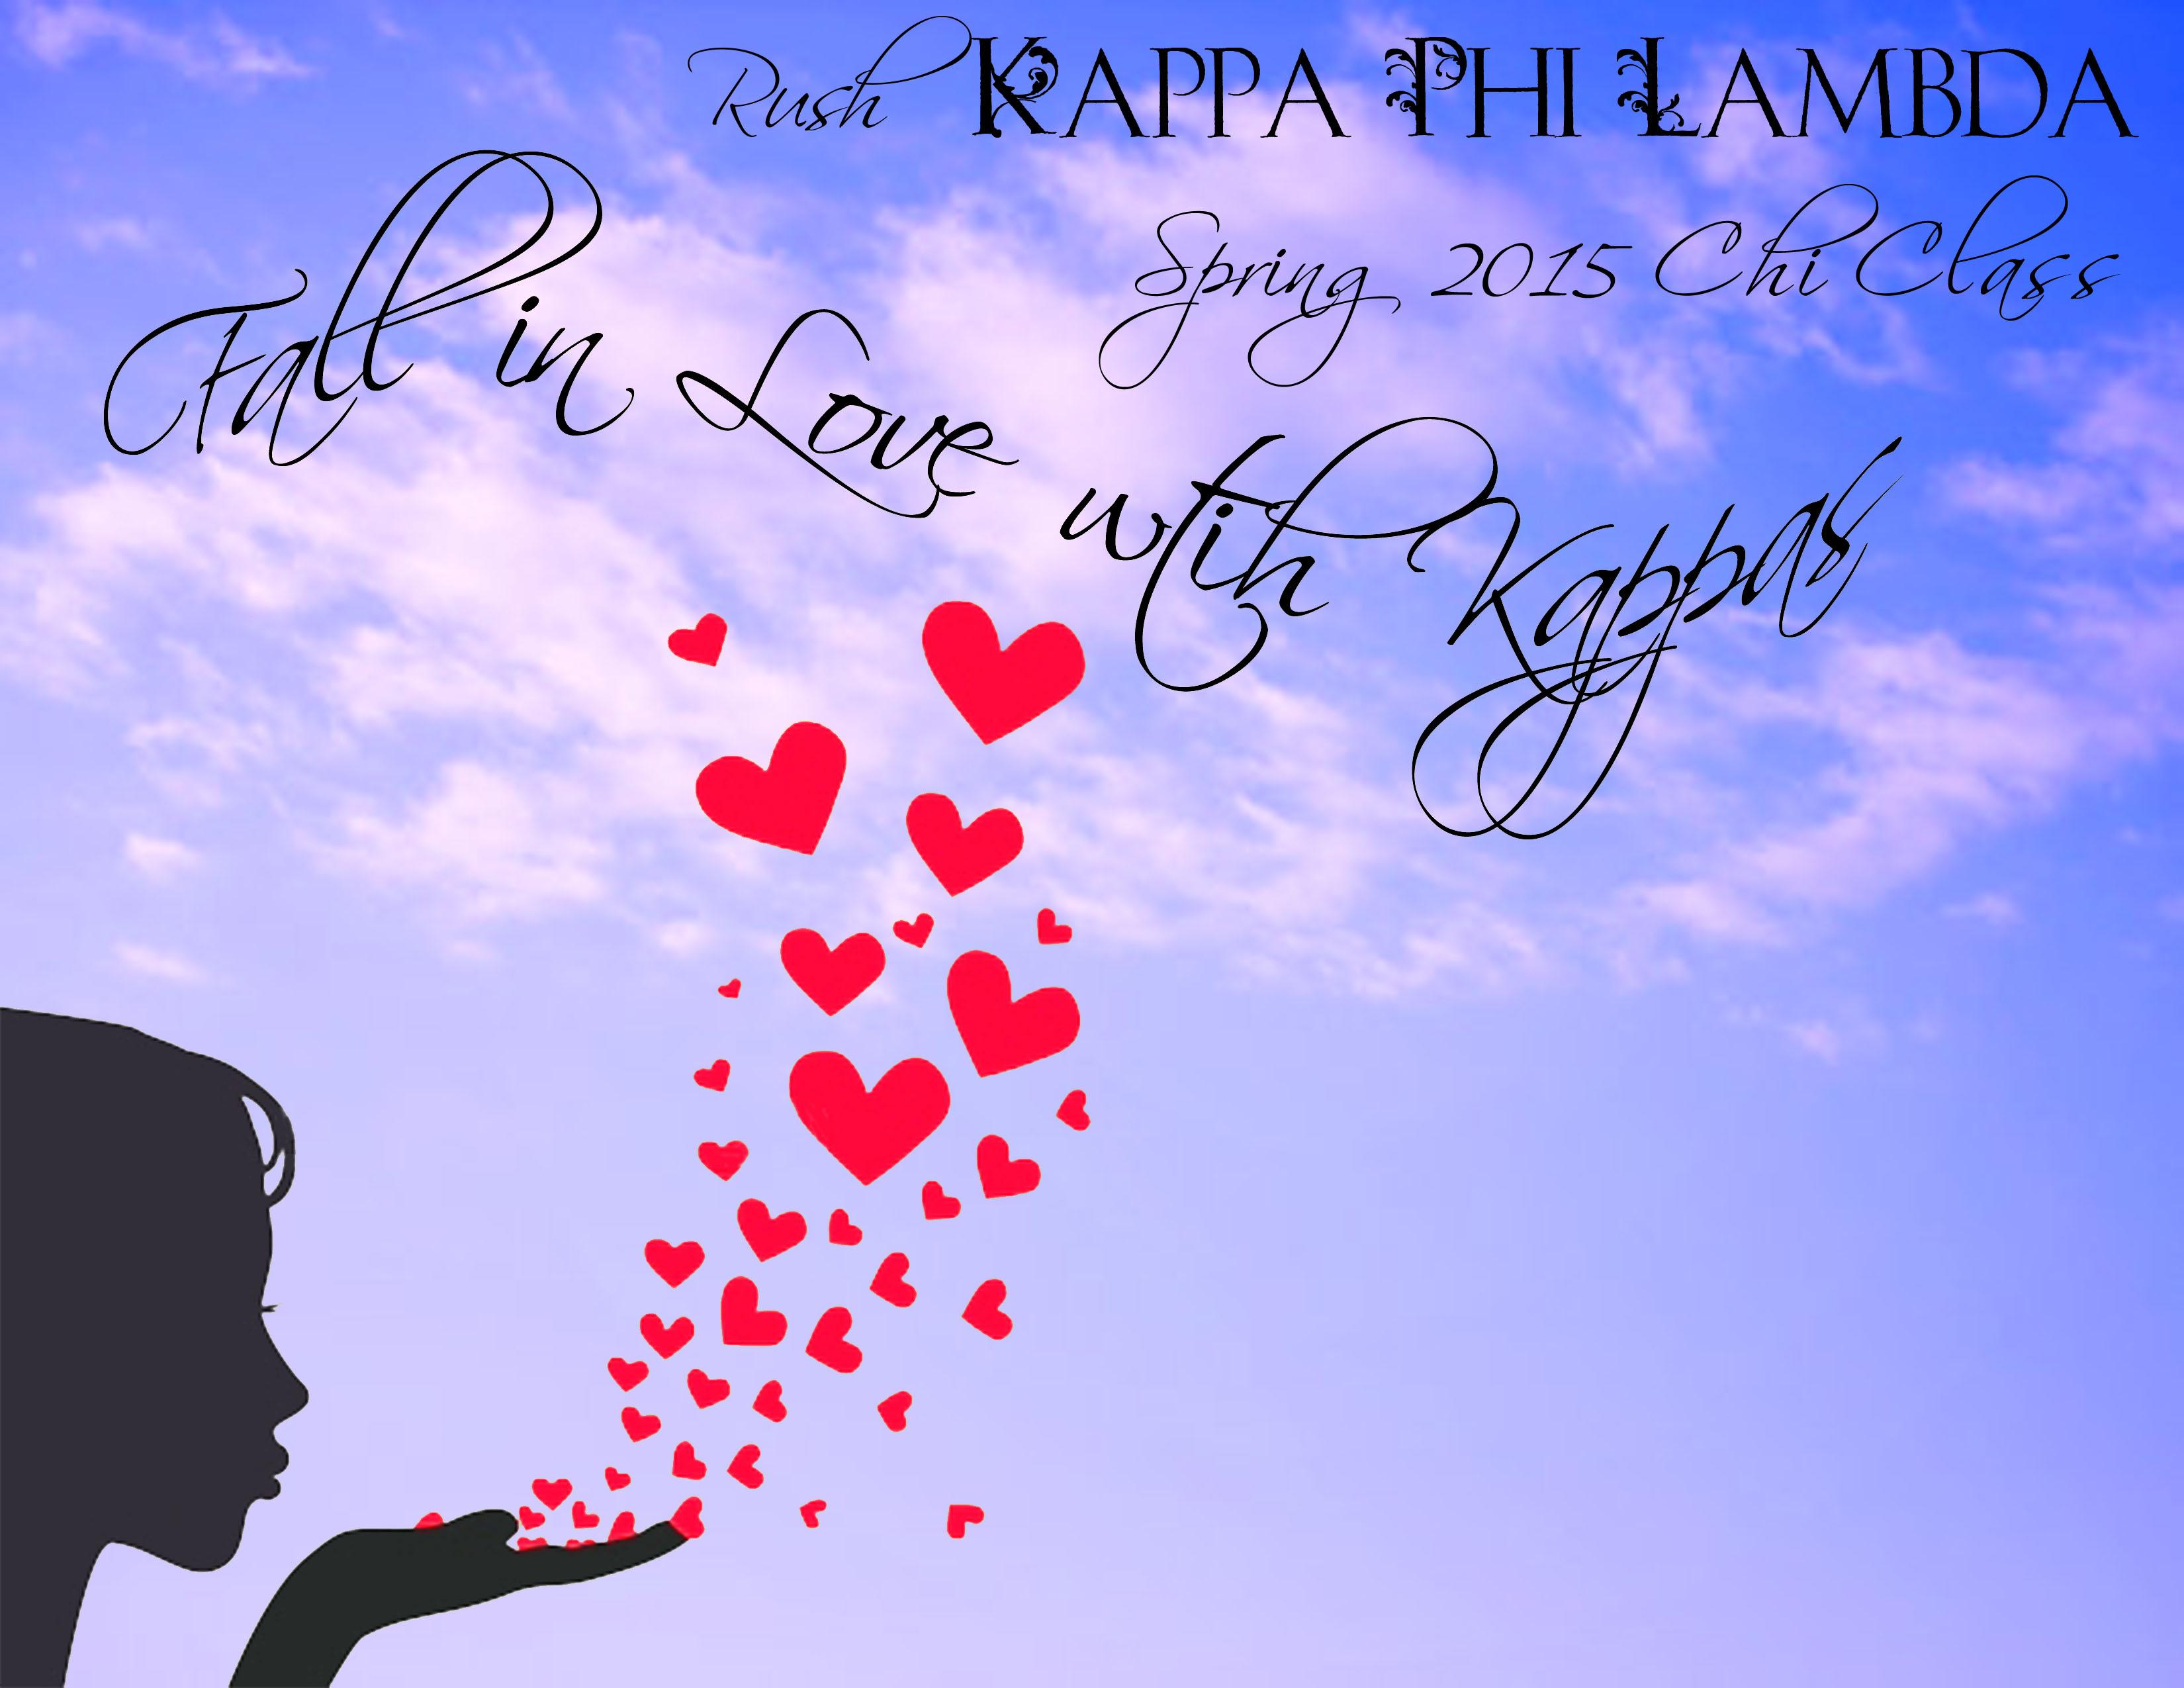 Rush Kappa Phi Lambda Spring 2015